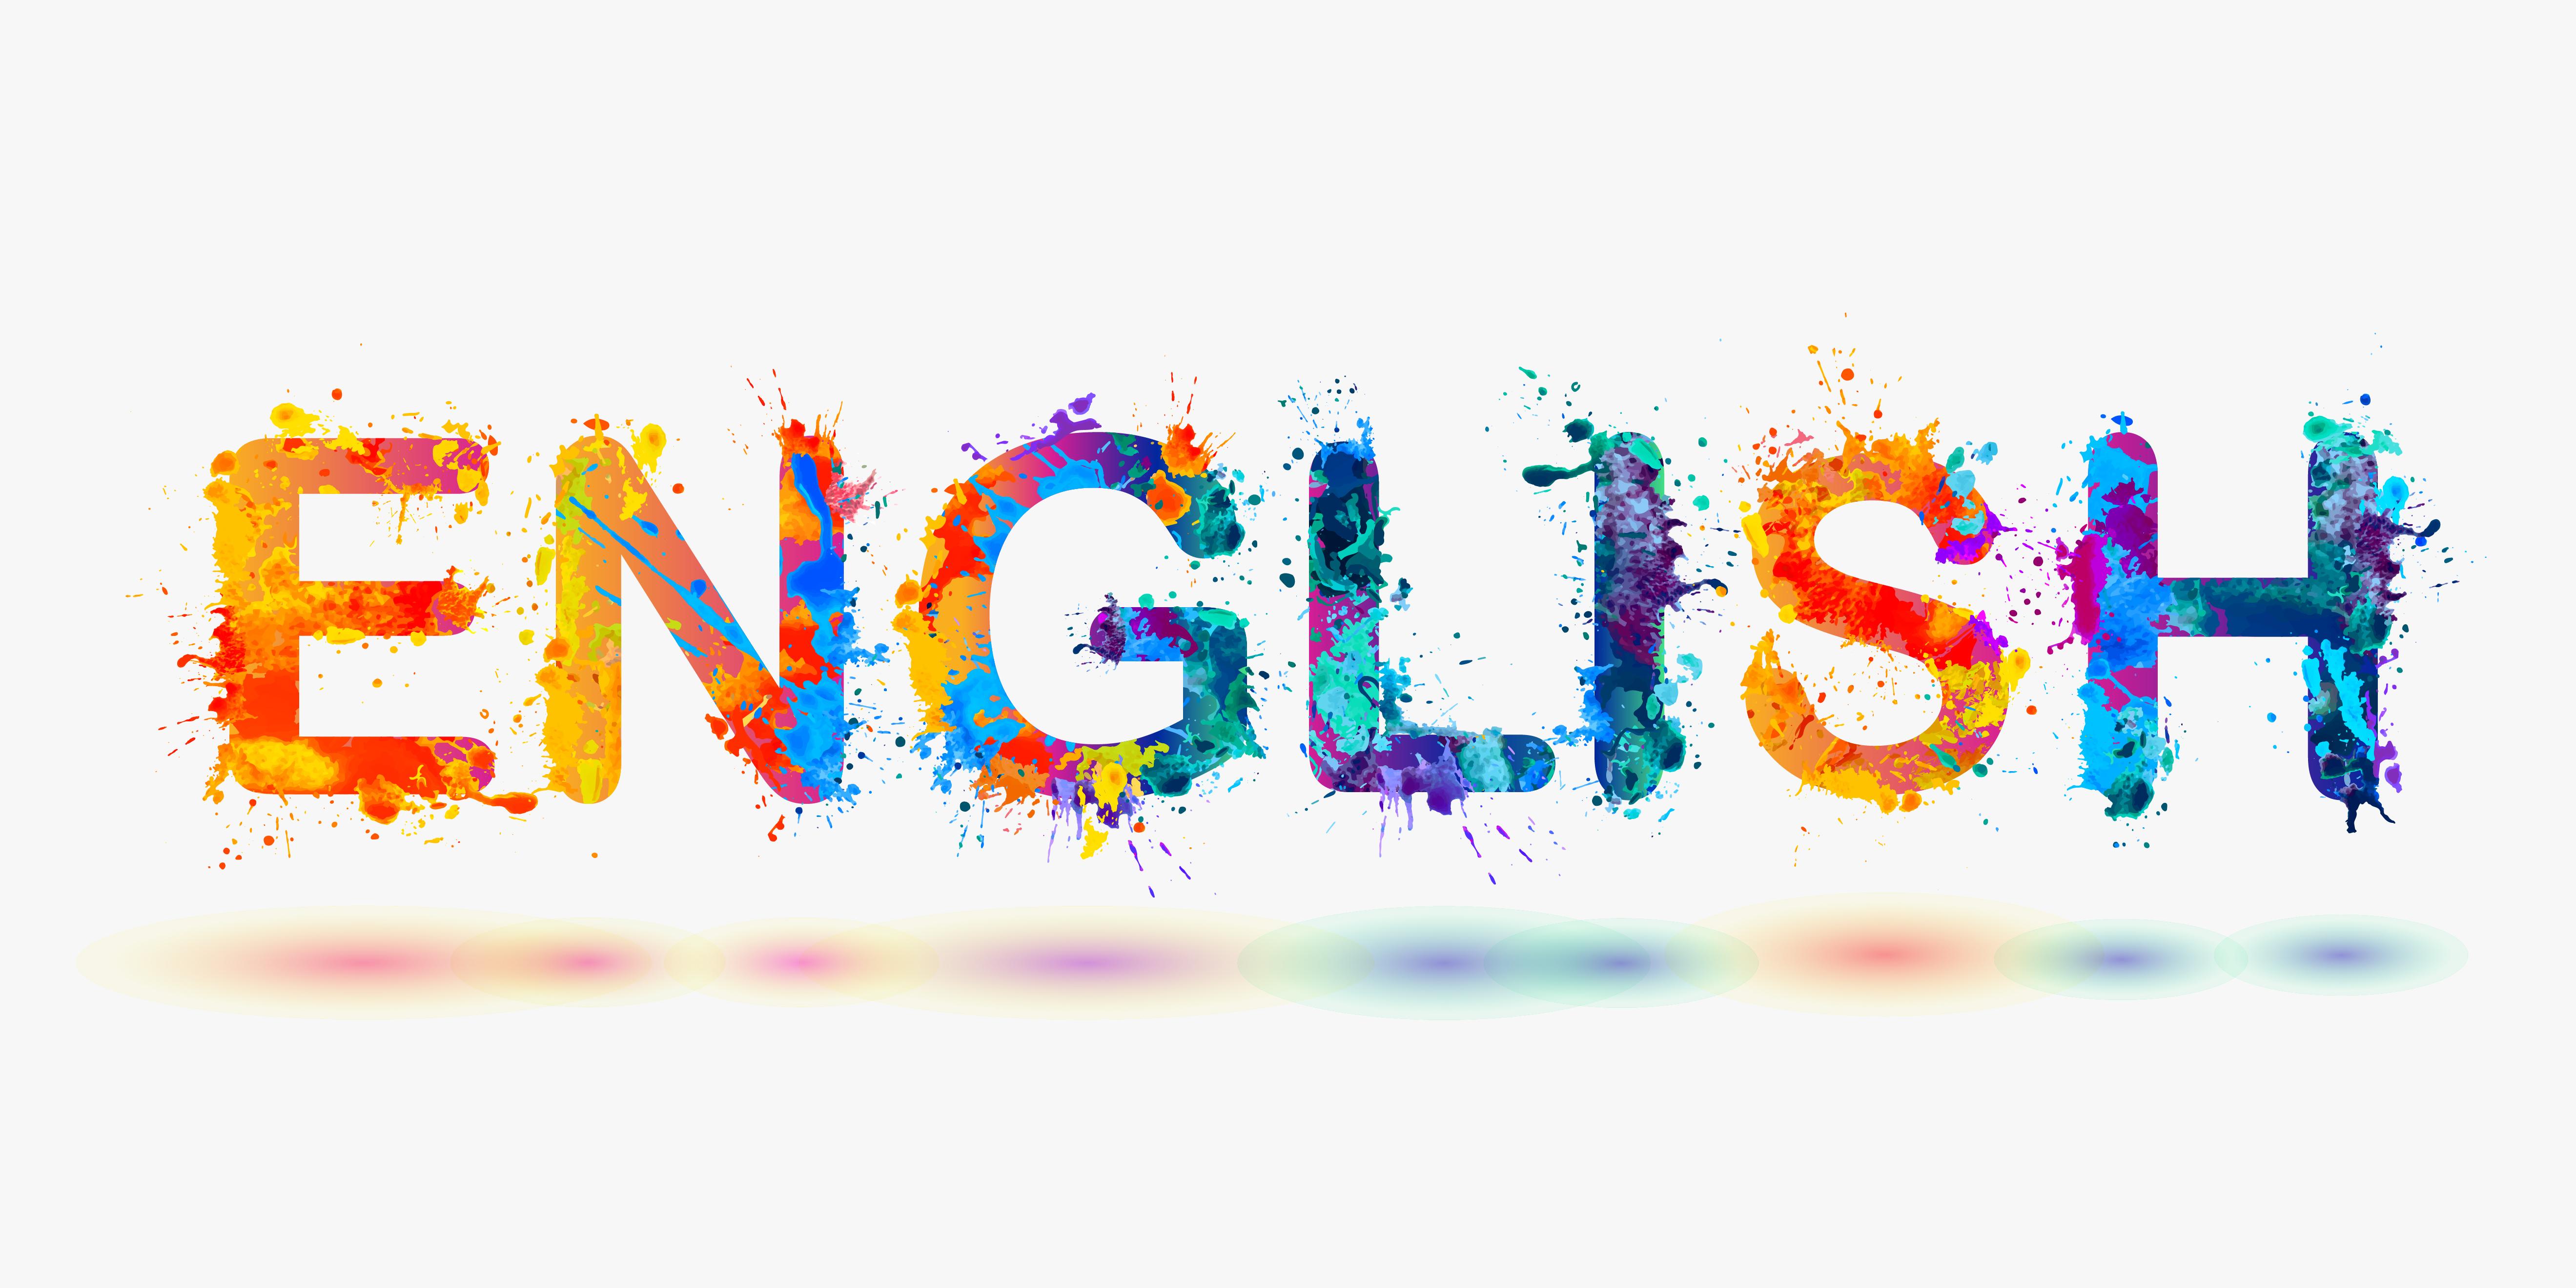 Лет, картинки с надписями на английском языке картинки для детей